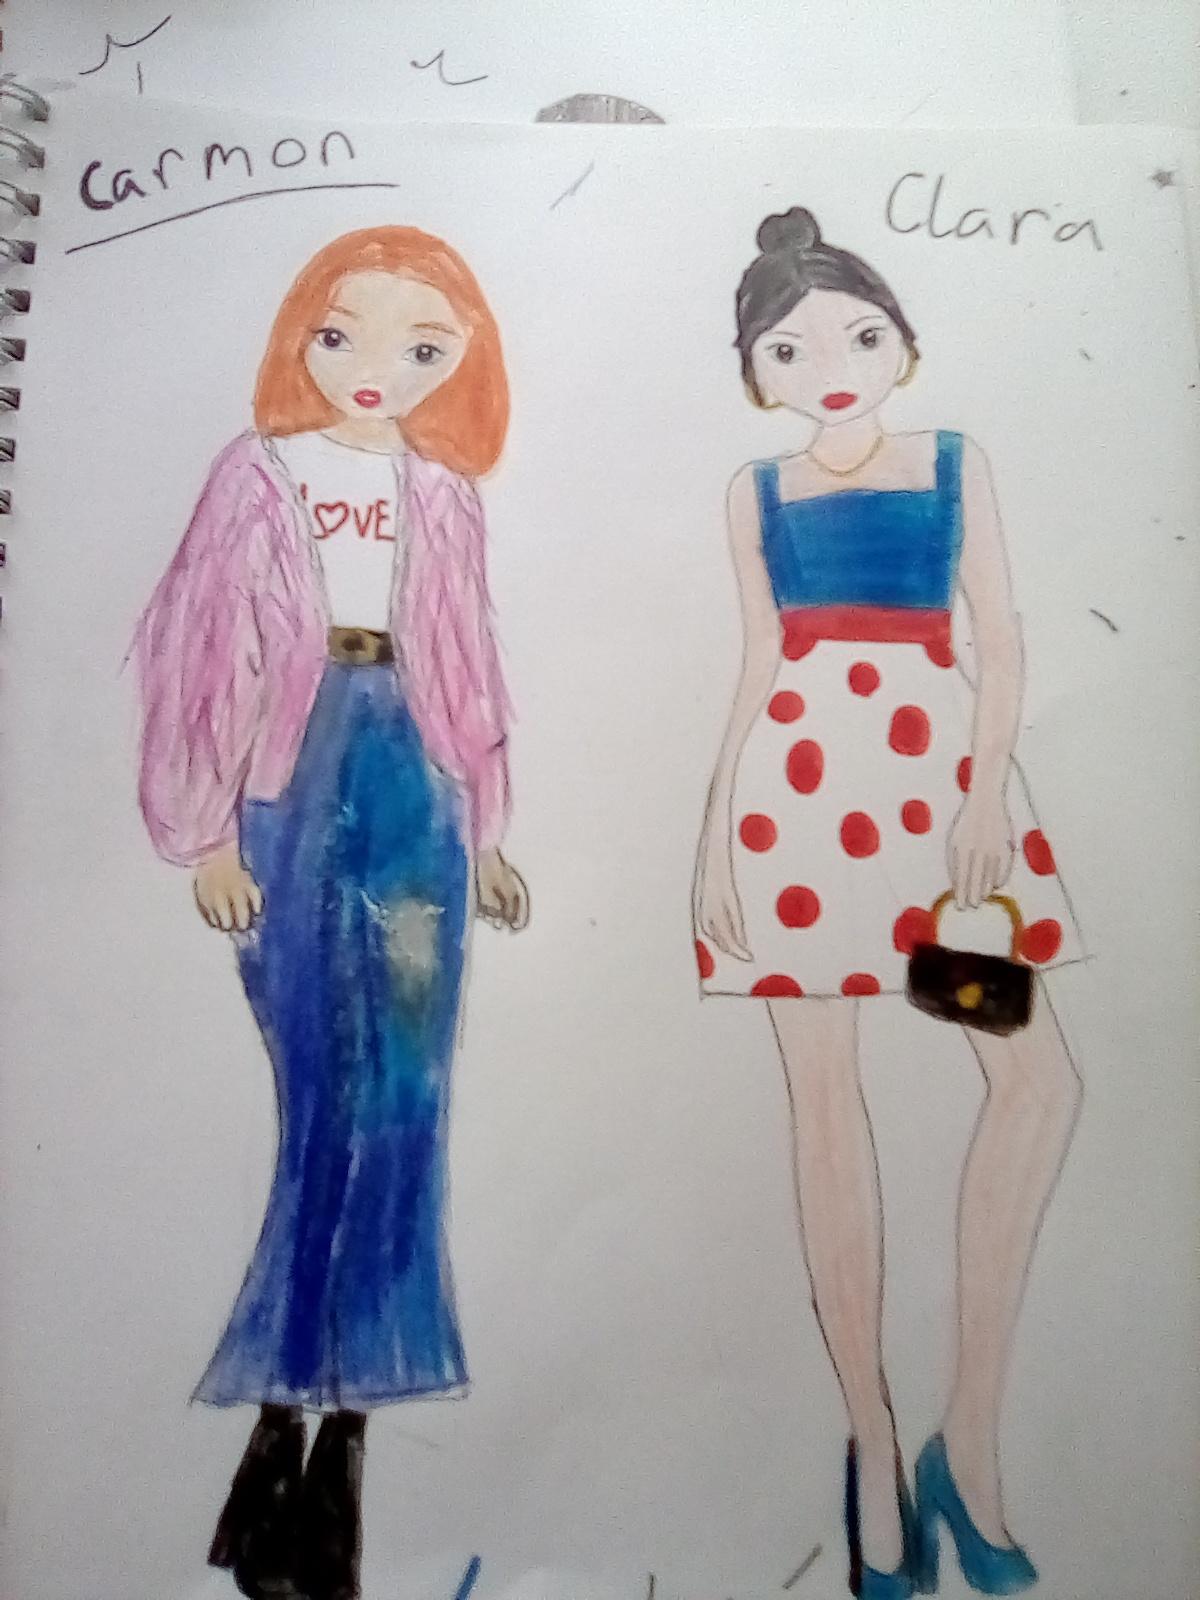 Èirinn K., 13 years, from Dublin